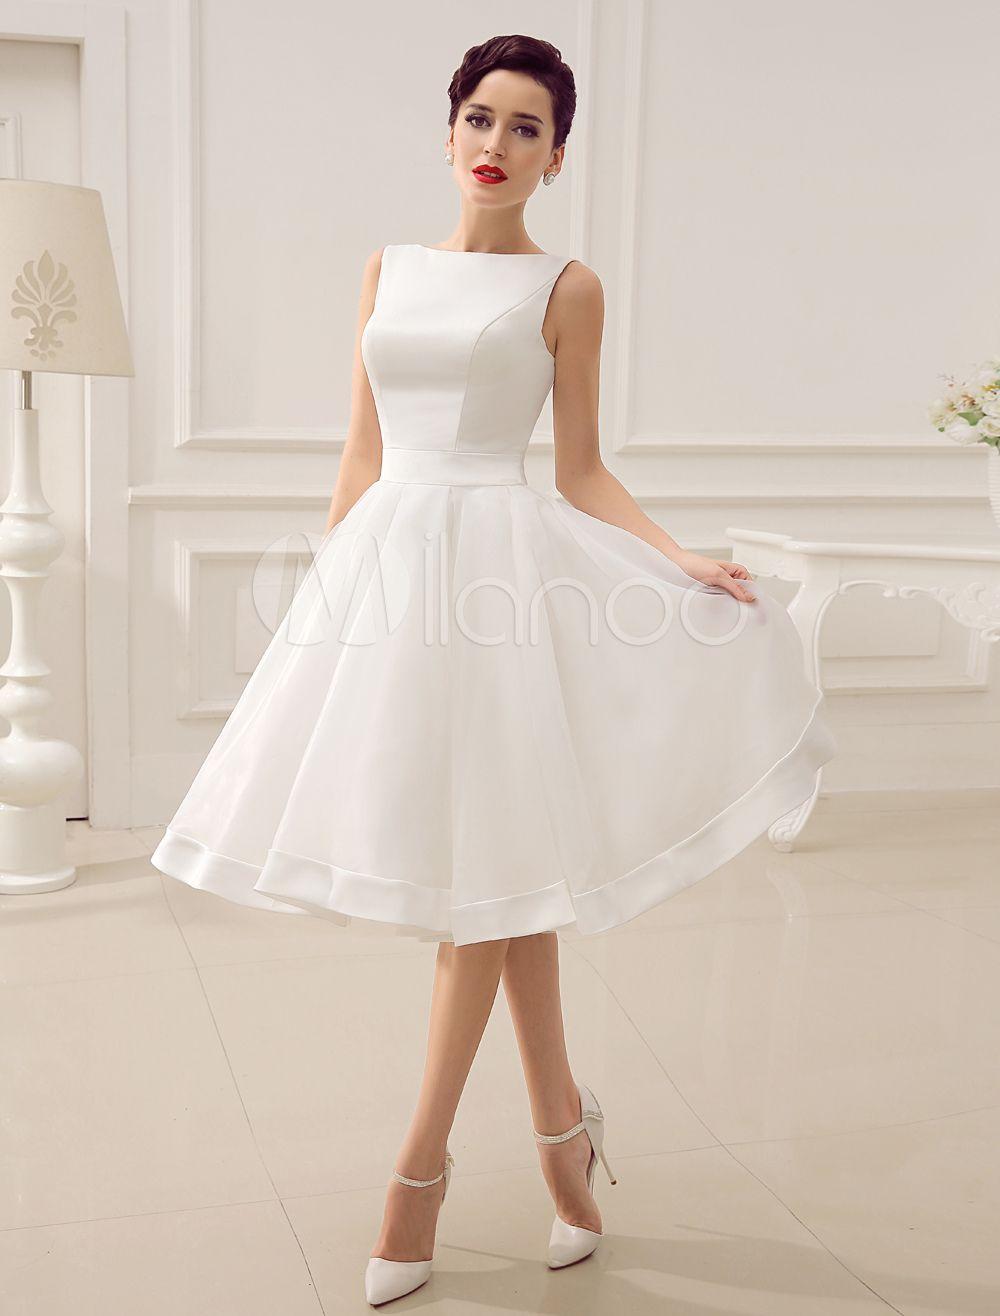 913269fdf Vestido de noiva marfim curto com decote nas costas em Organza e Cetim  Milanoo